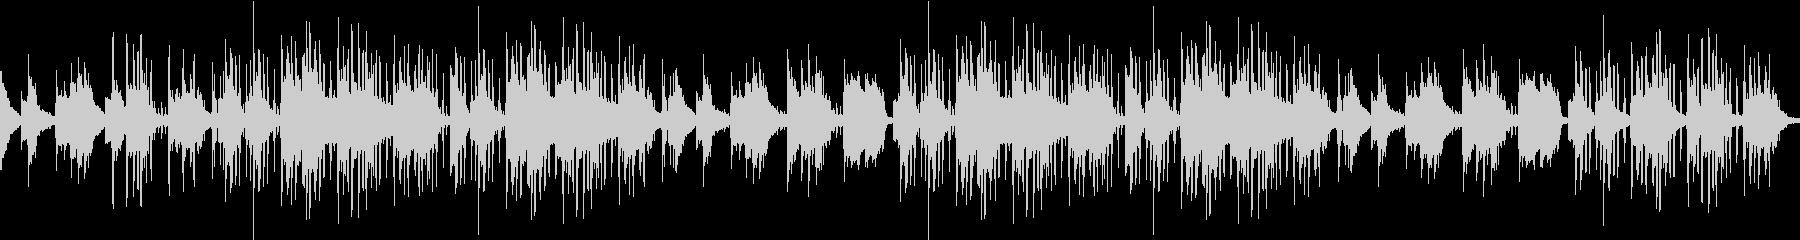 悲しい・夜・冬・ピアノ・ヒップホップの未再生の波形